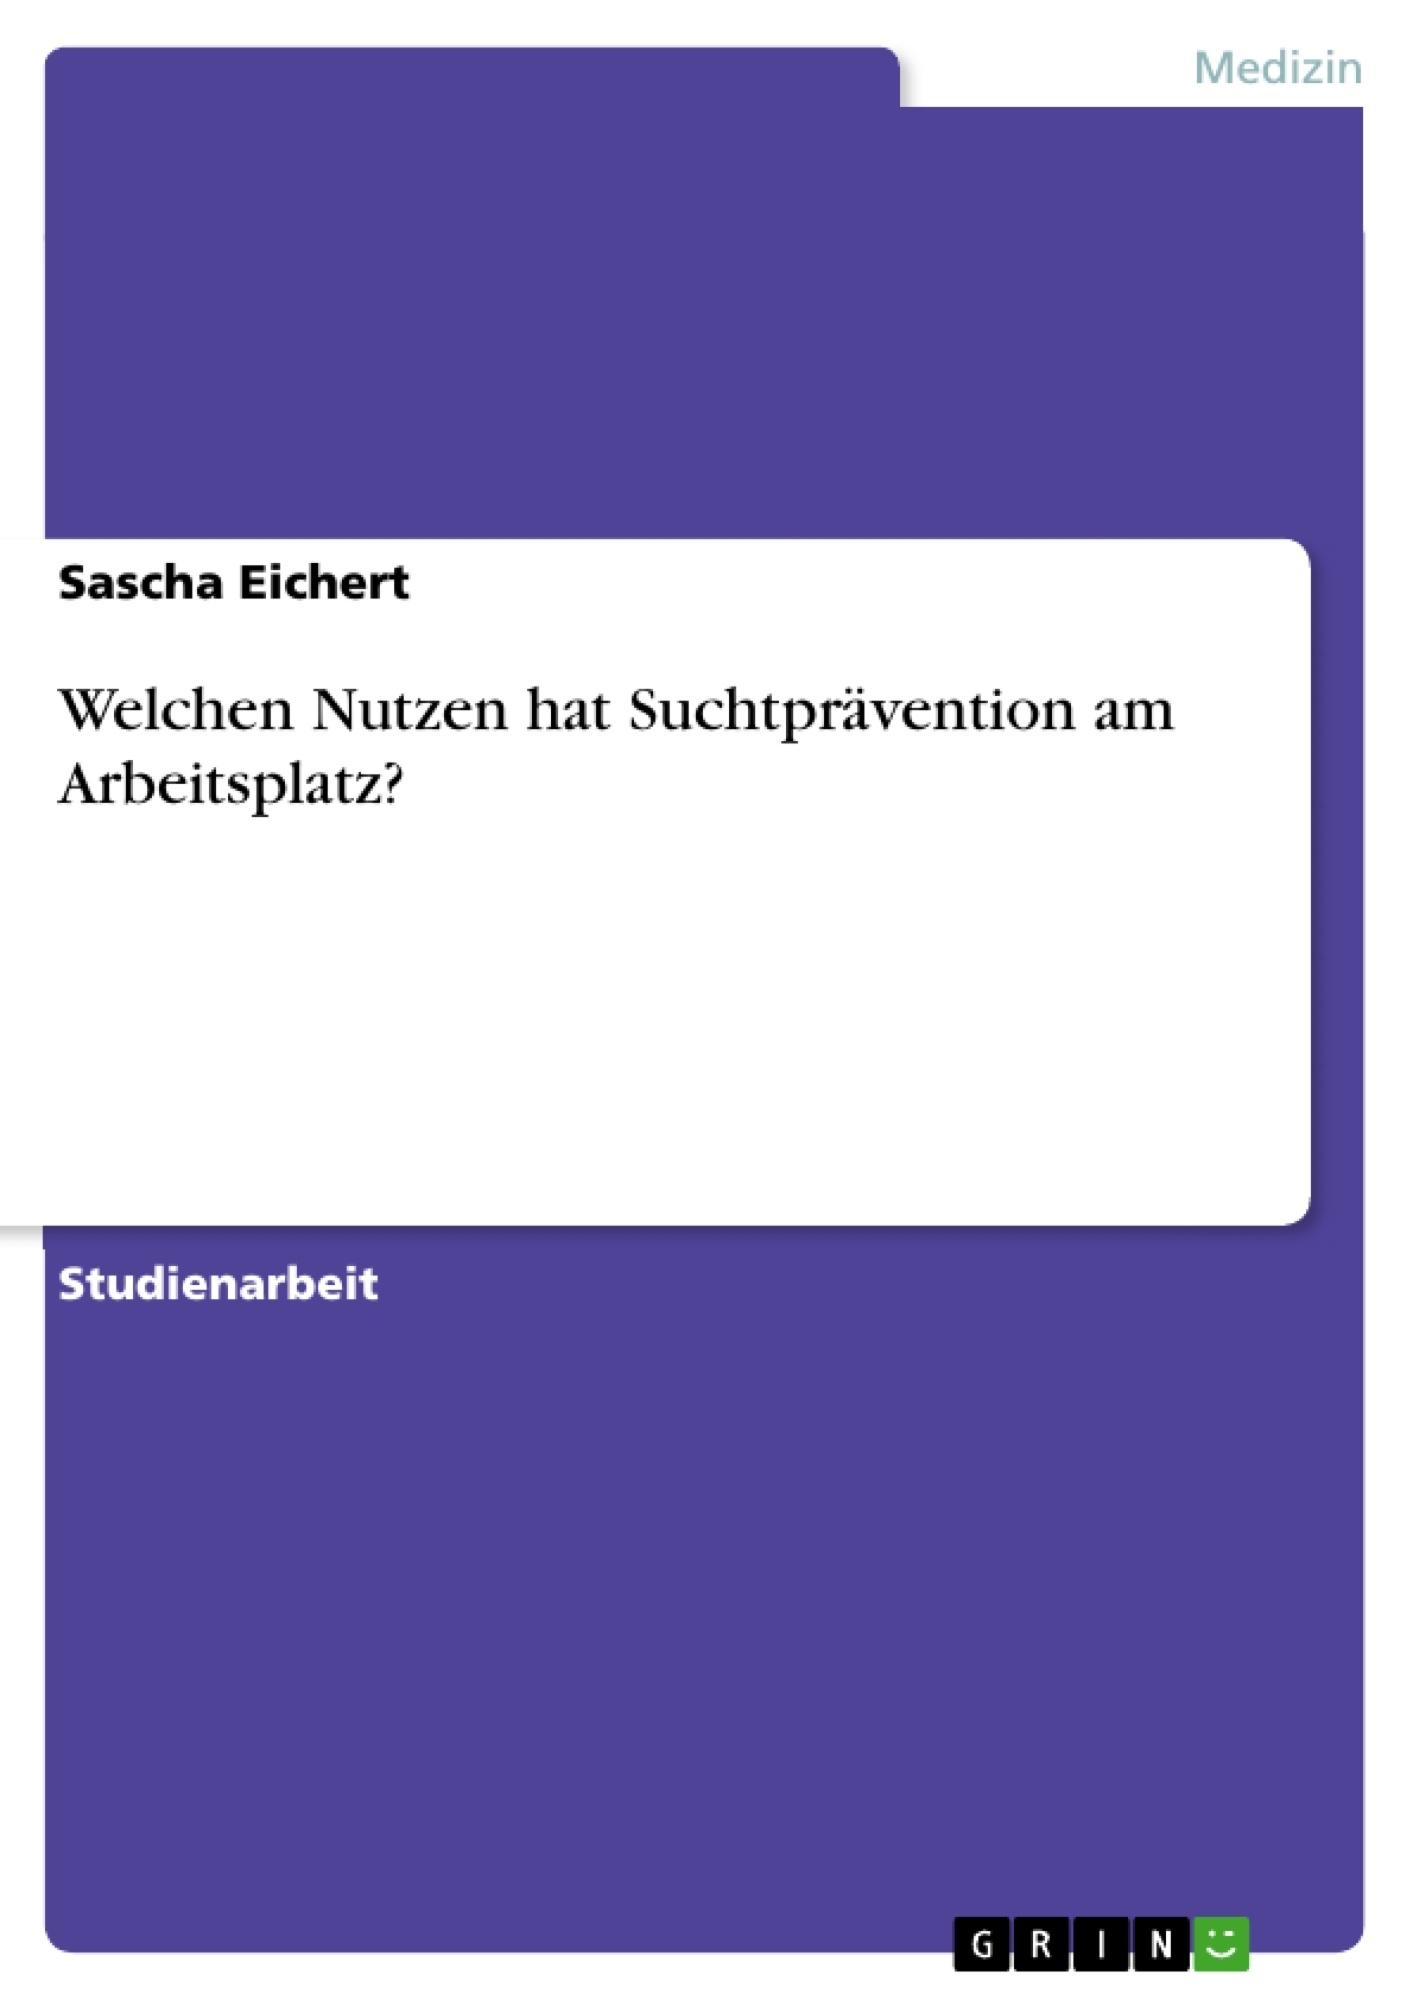 Titel: Welchen Nutzen hat Suchtprävention am Arbeitsplatz?